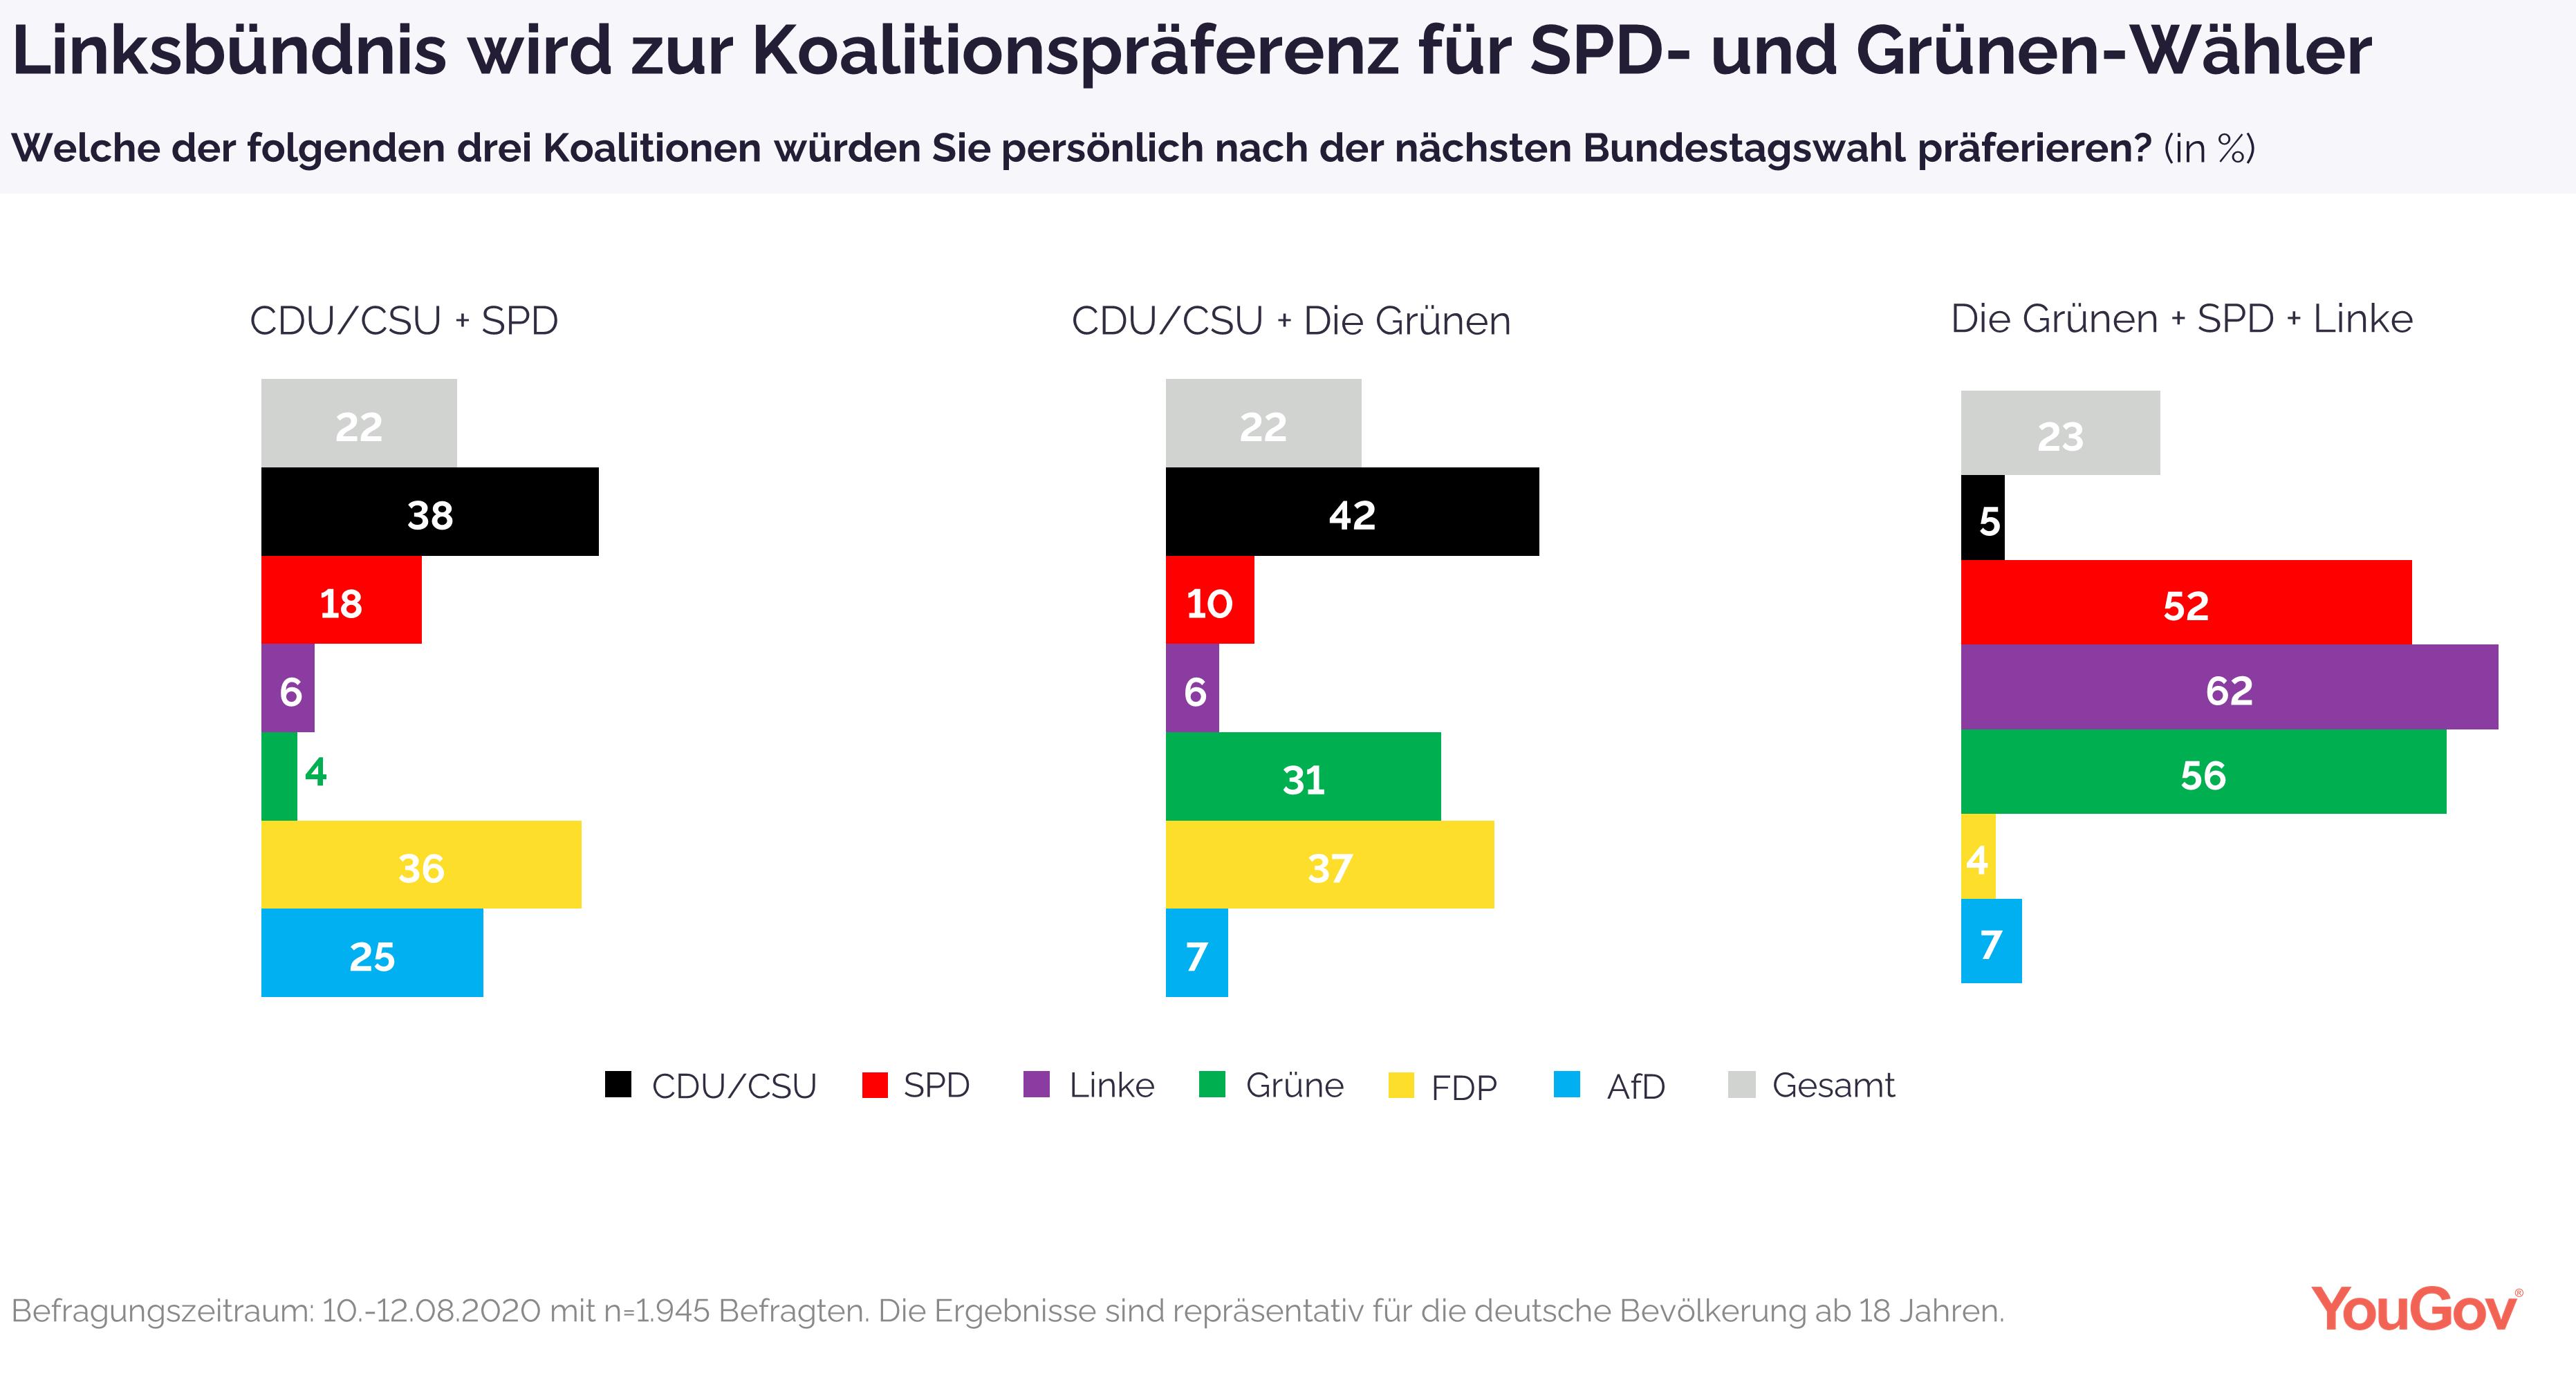 Linksbündnis ist Koalitionspräferenz für SPD- und Grünen-Wähler